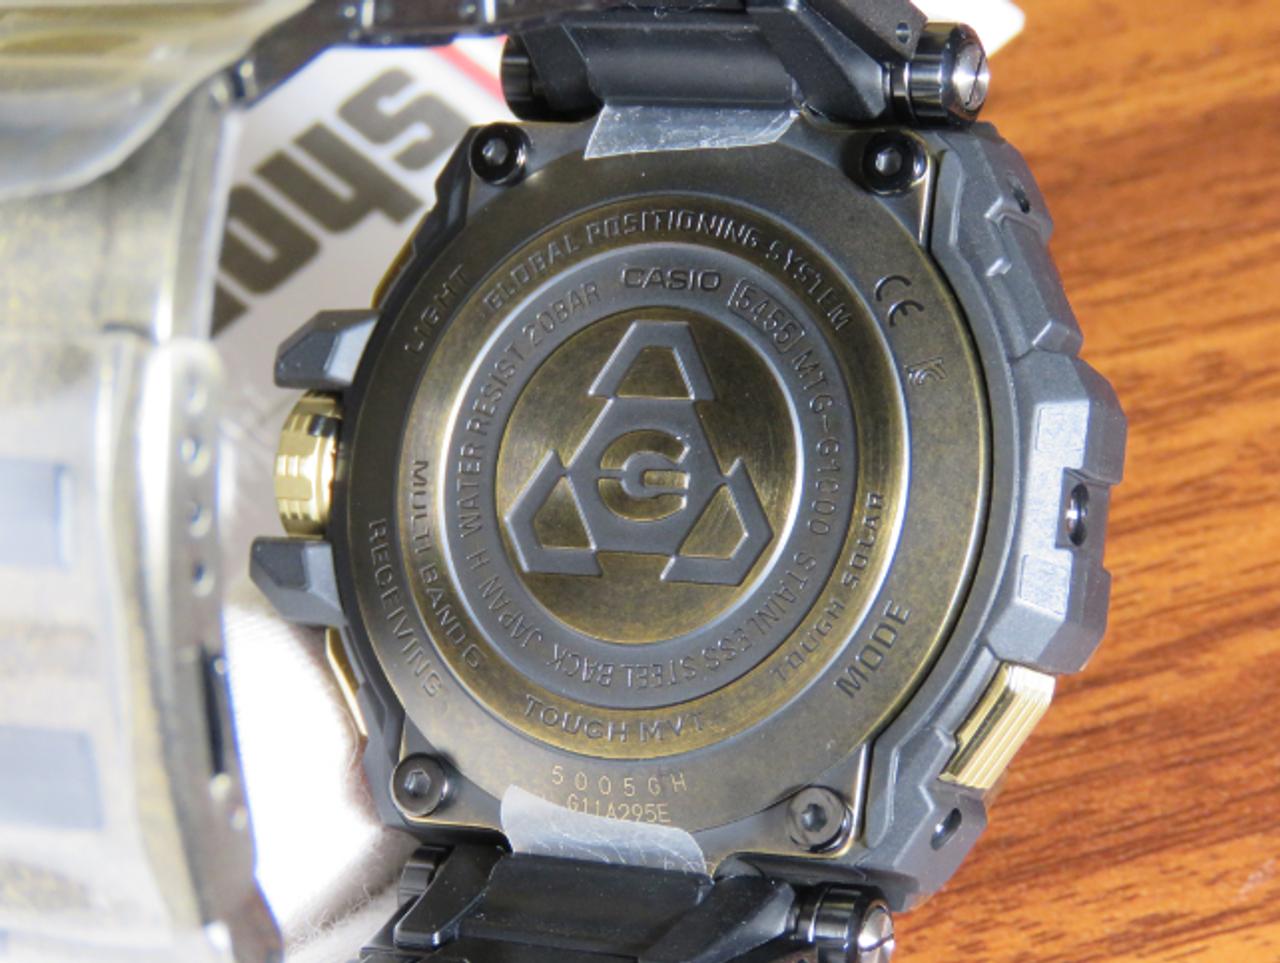 MTG-G1000BS-1AJR